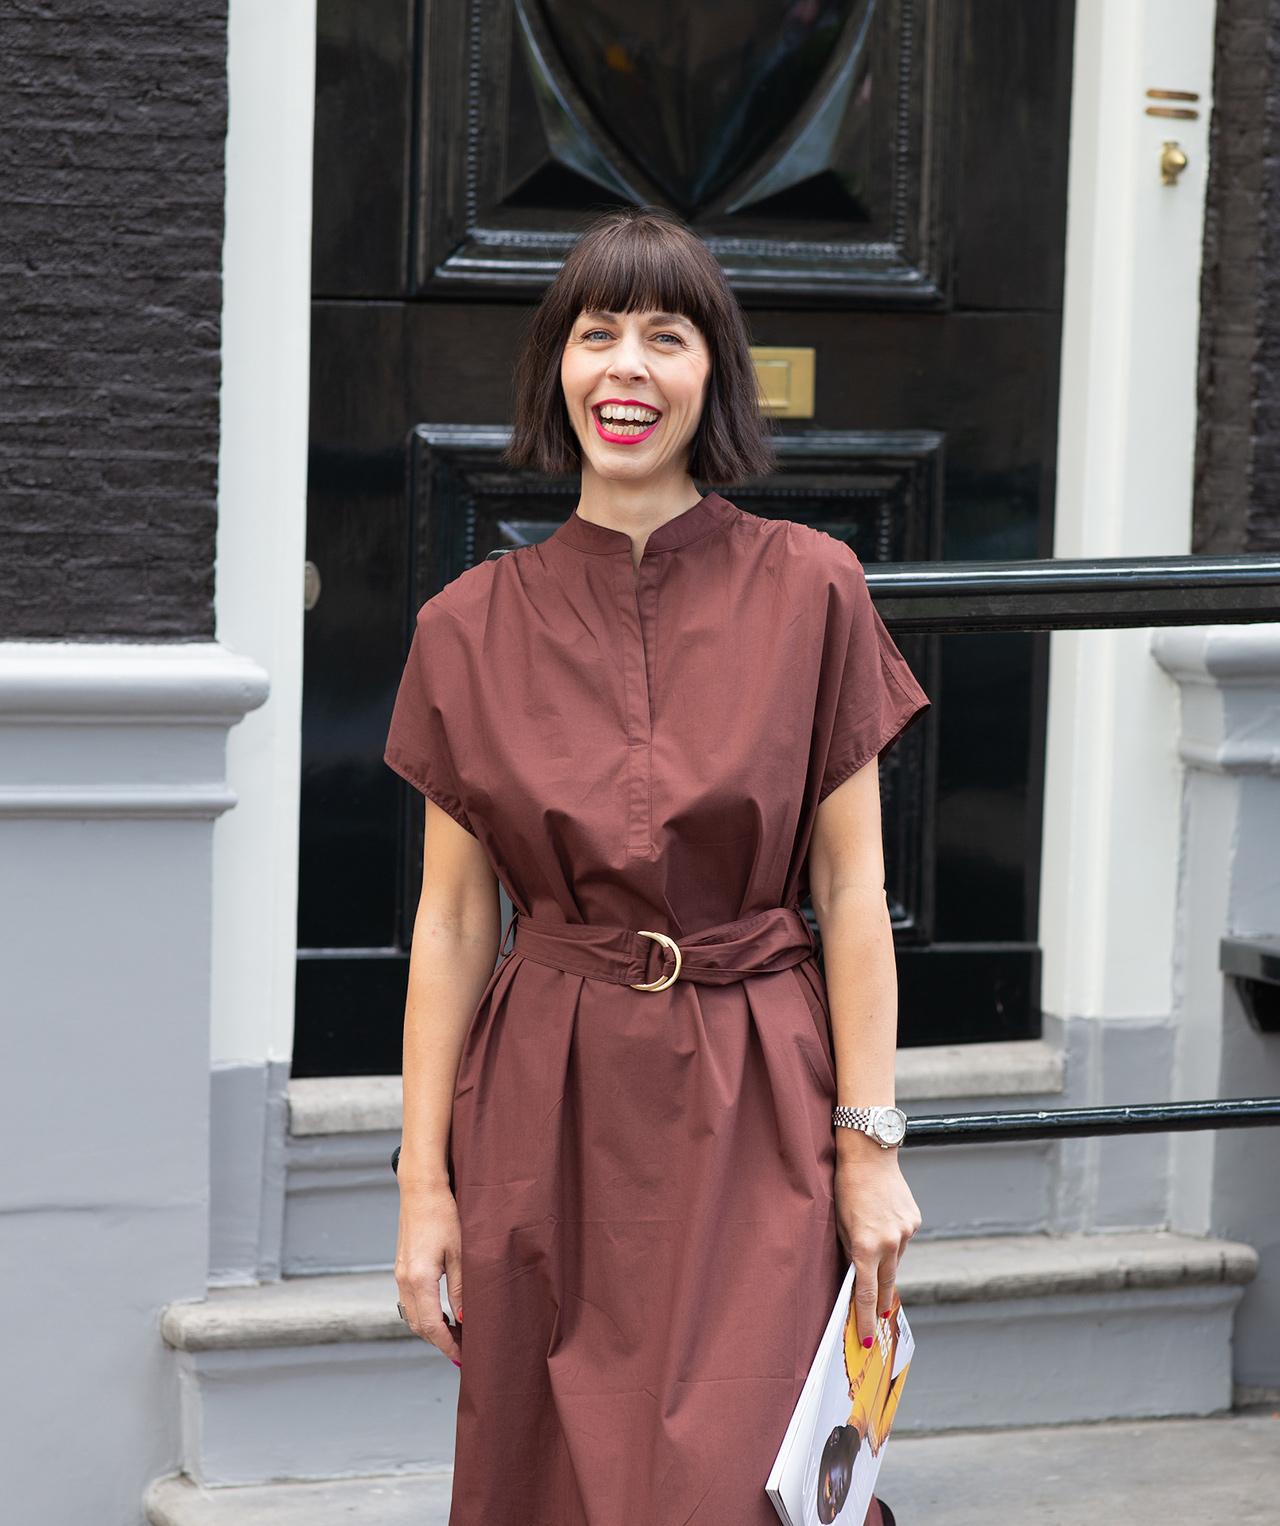 Frau mit rotem Lippenstift und Trendfrisur und der Trendfarbe Braun kombiniert